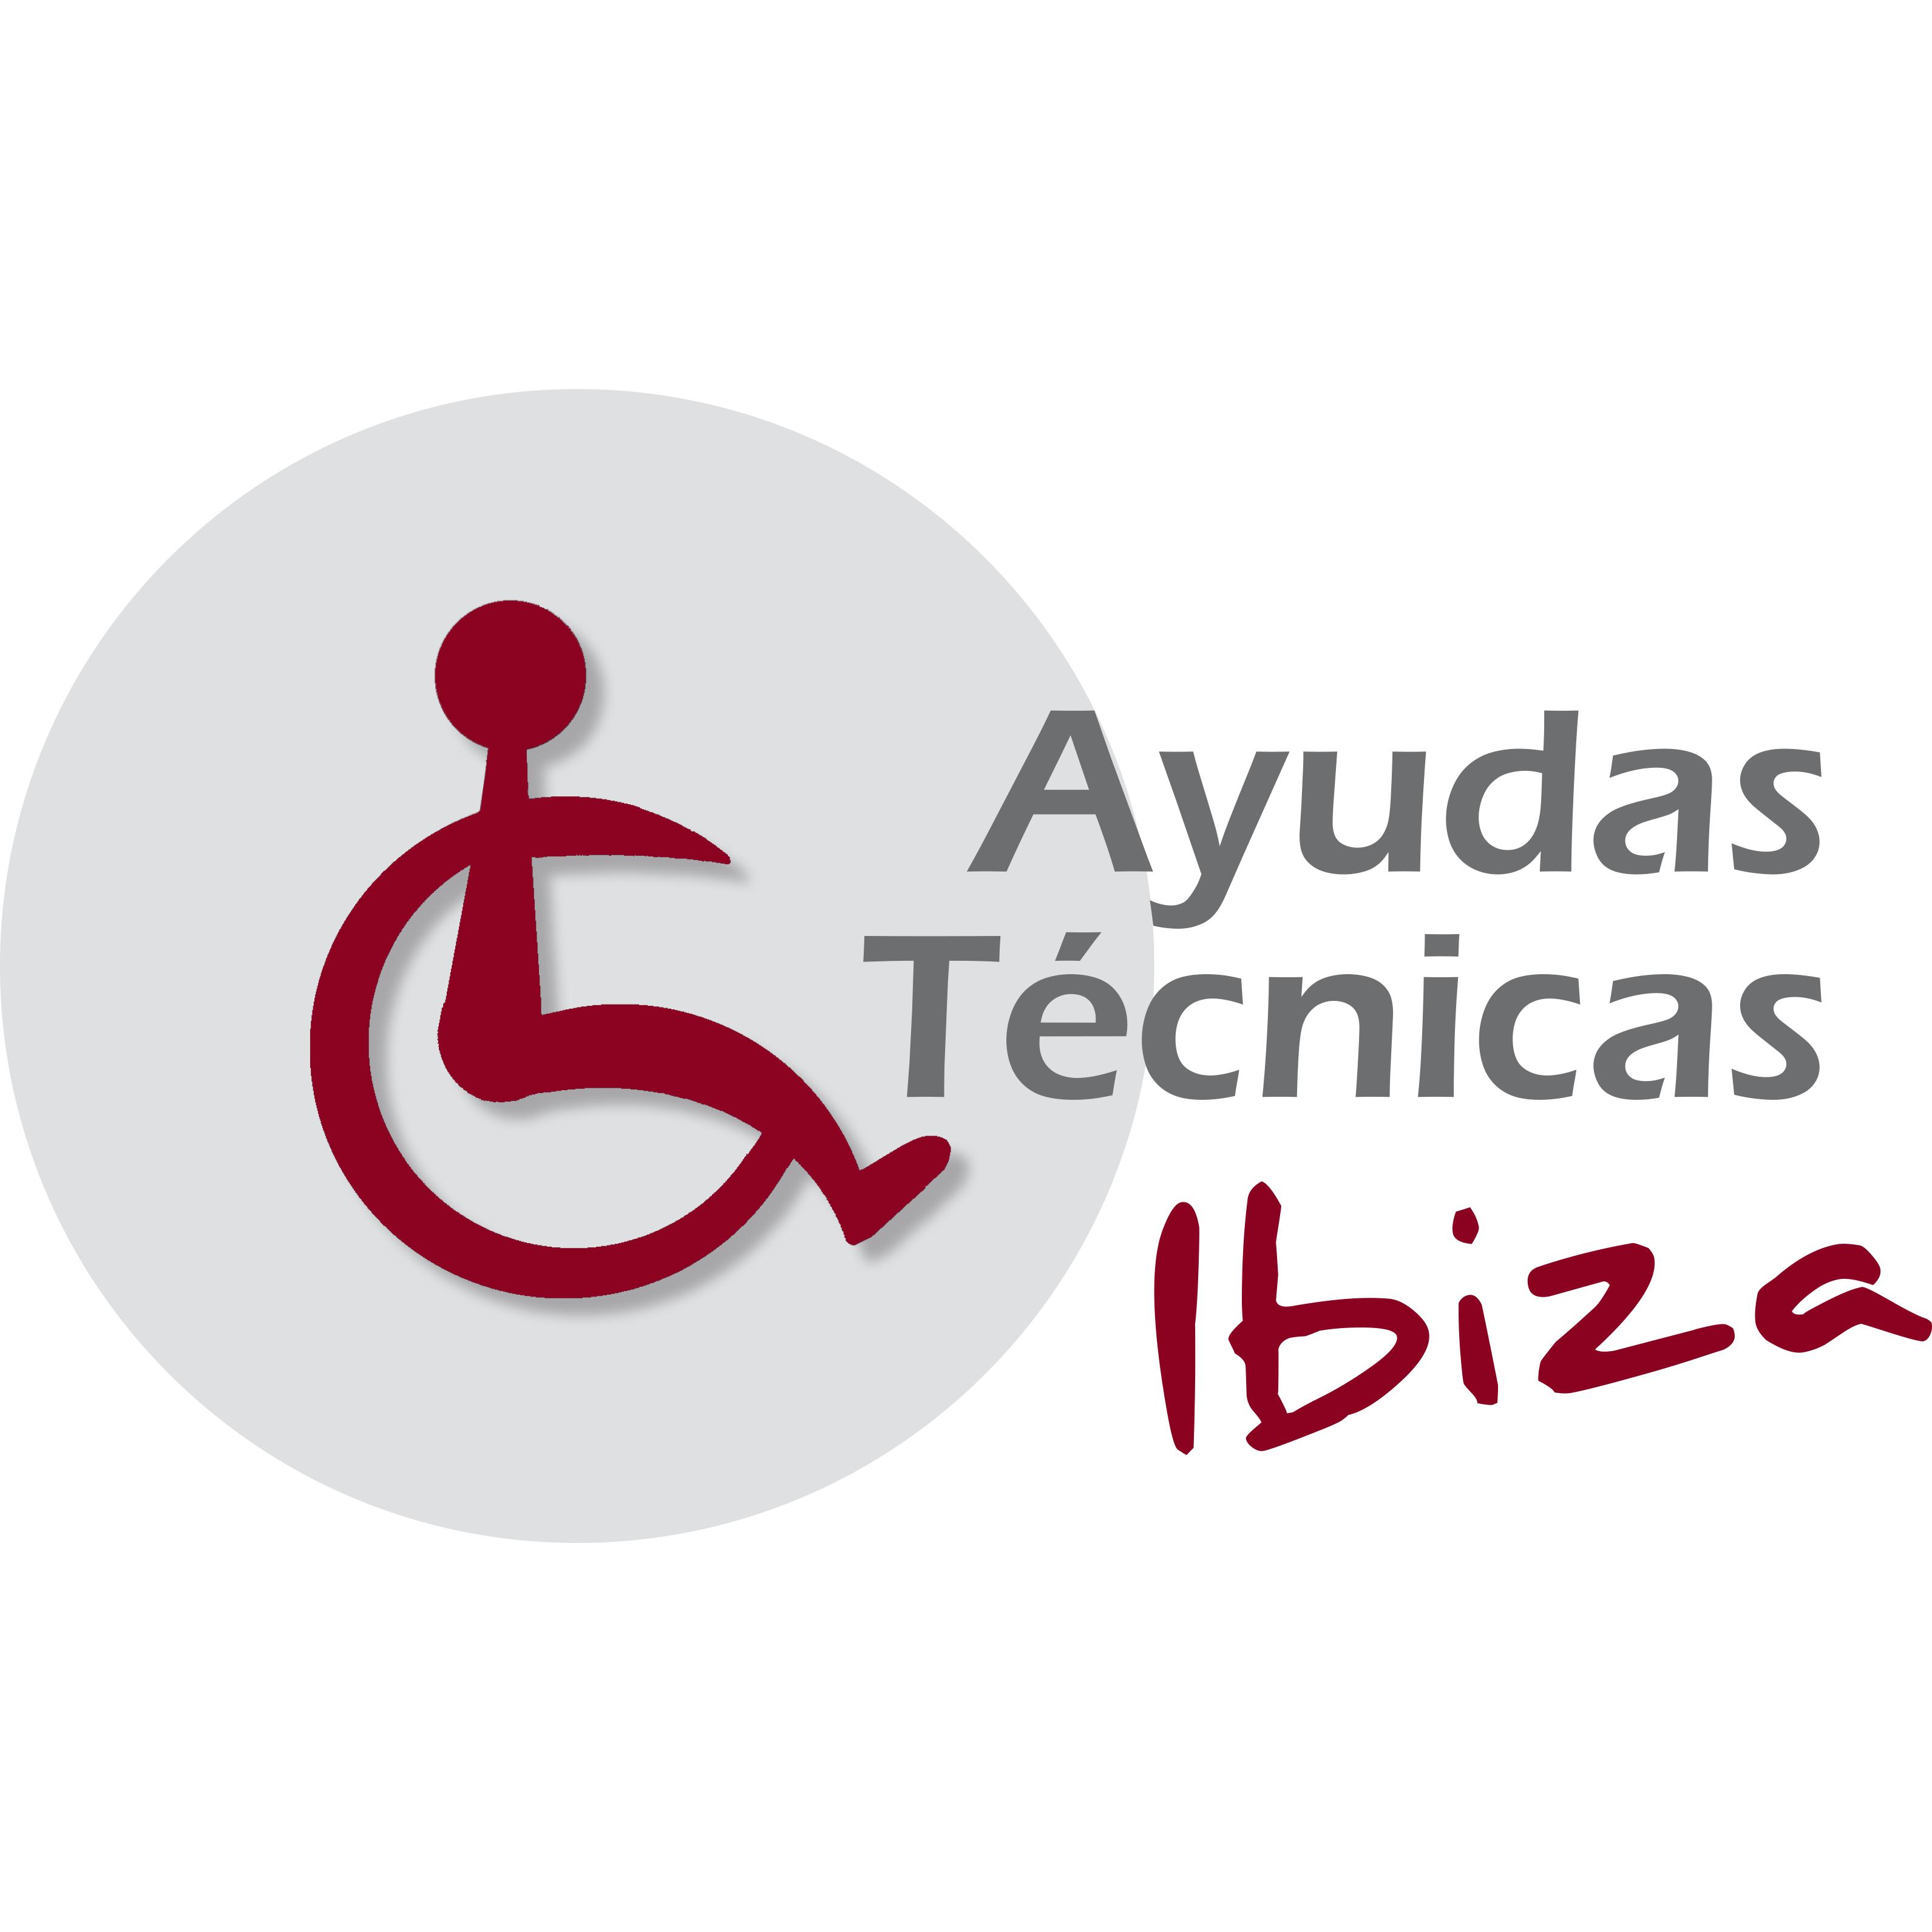 Ayudas Técnicas Ibiza